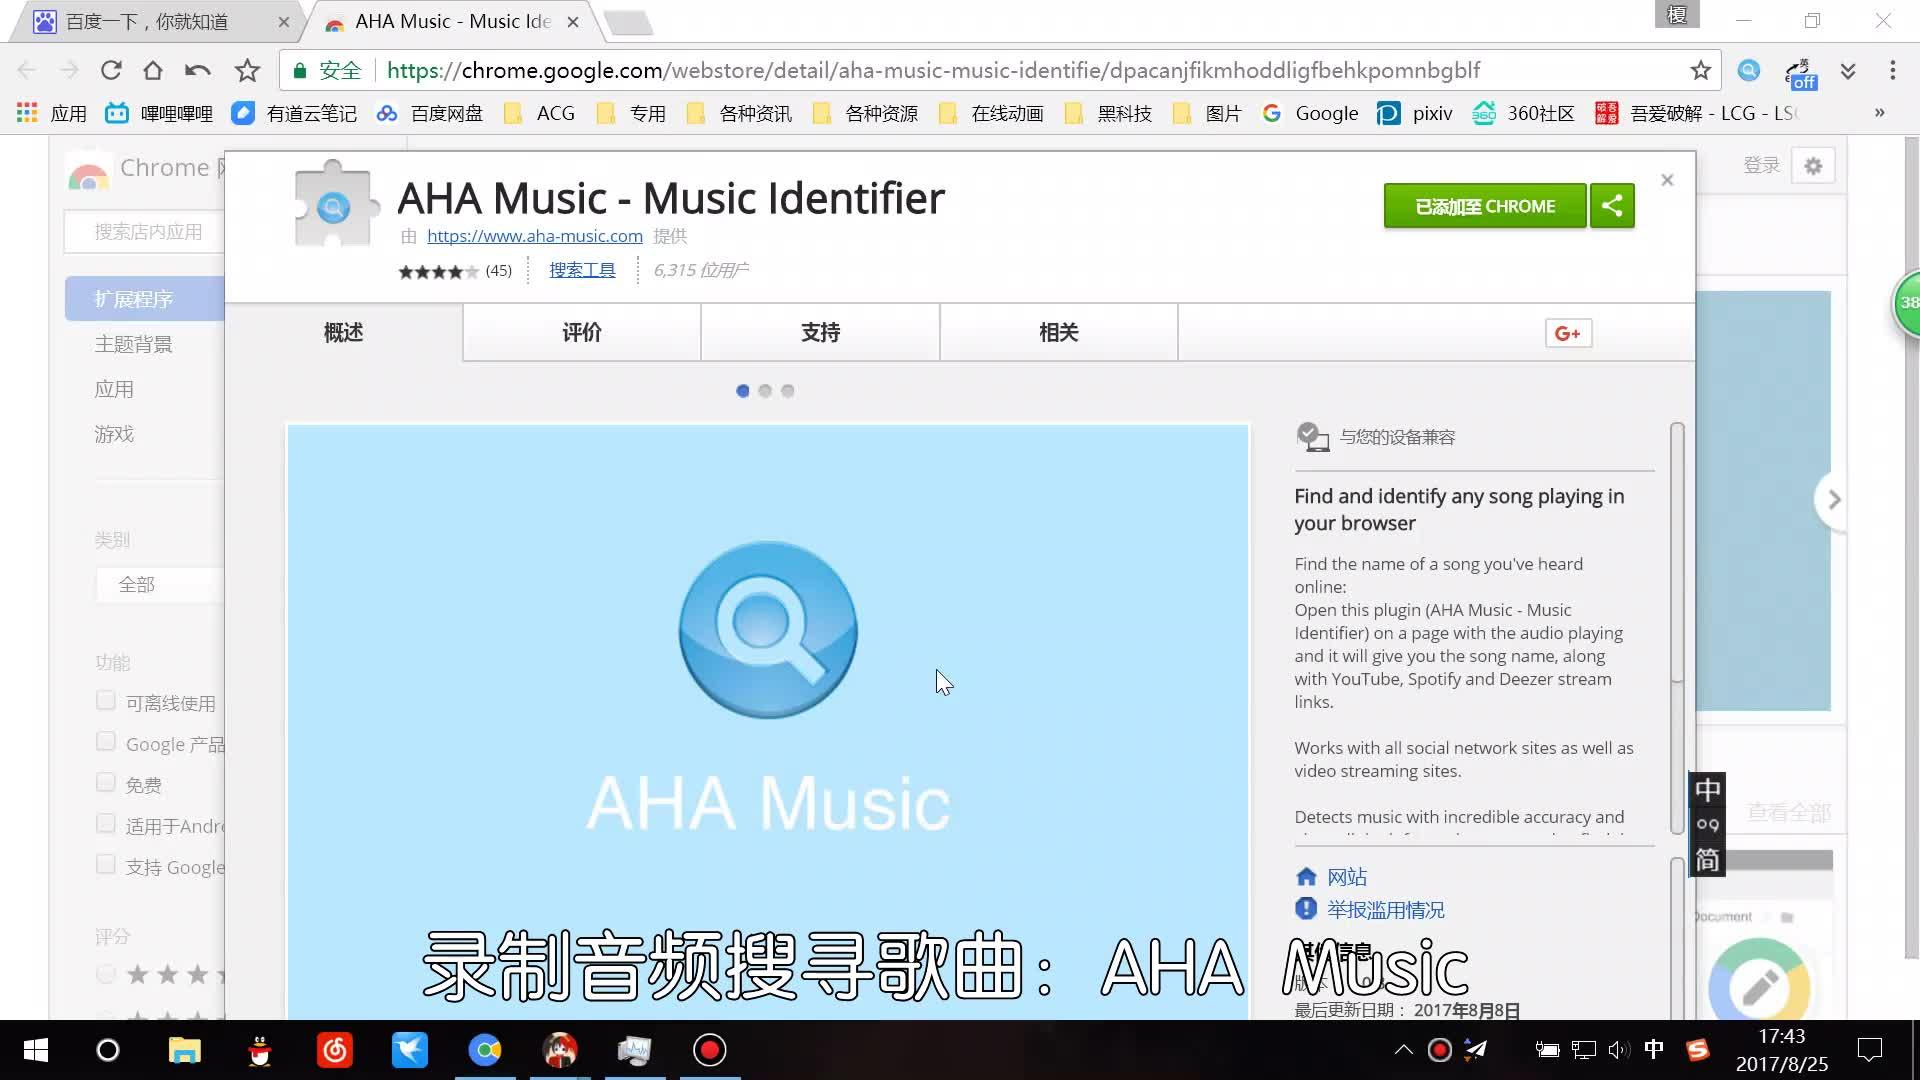 【谷歌拓展】一键搜索当前视频播放的音乐_哔哩哔哩 (゜-゜)つロ 干杯~-bilibili